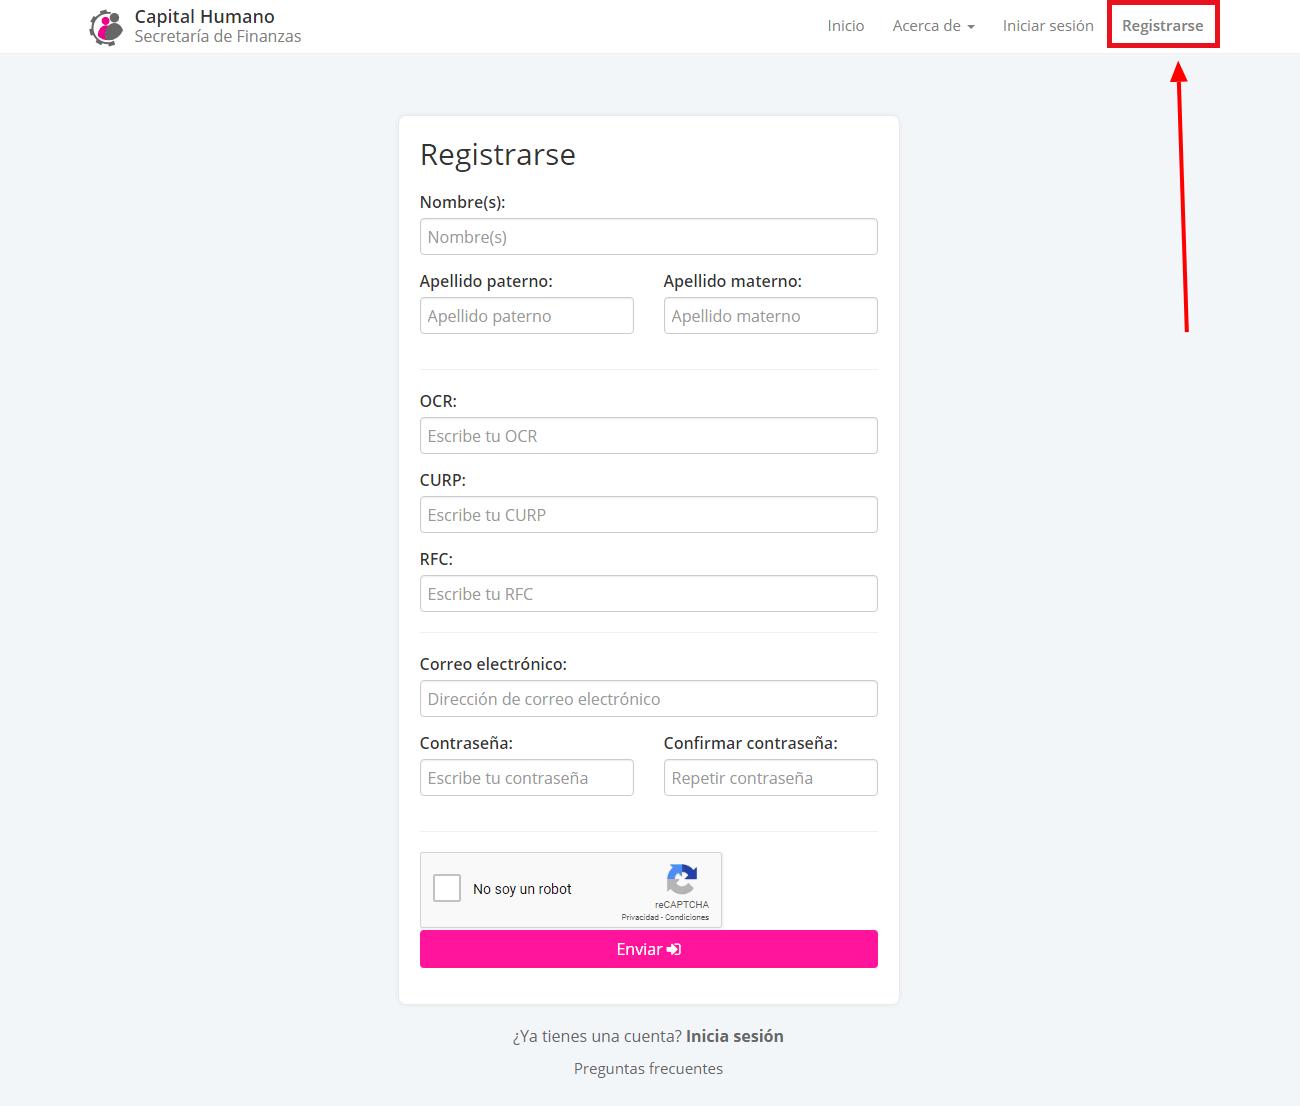 Registrarse recibo de pago